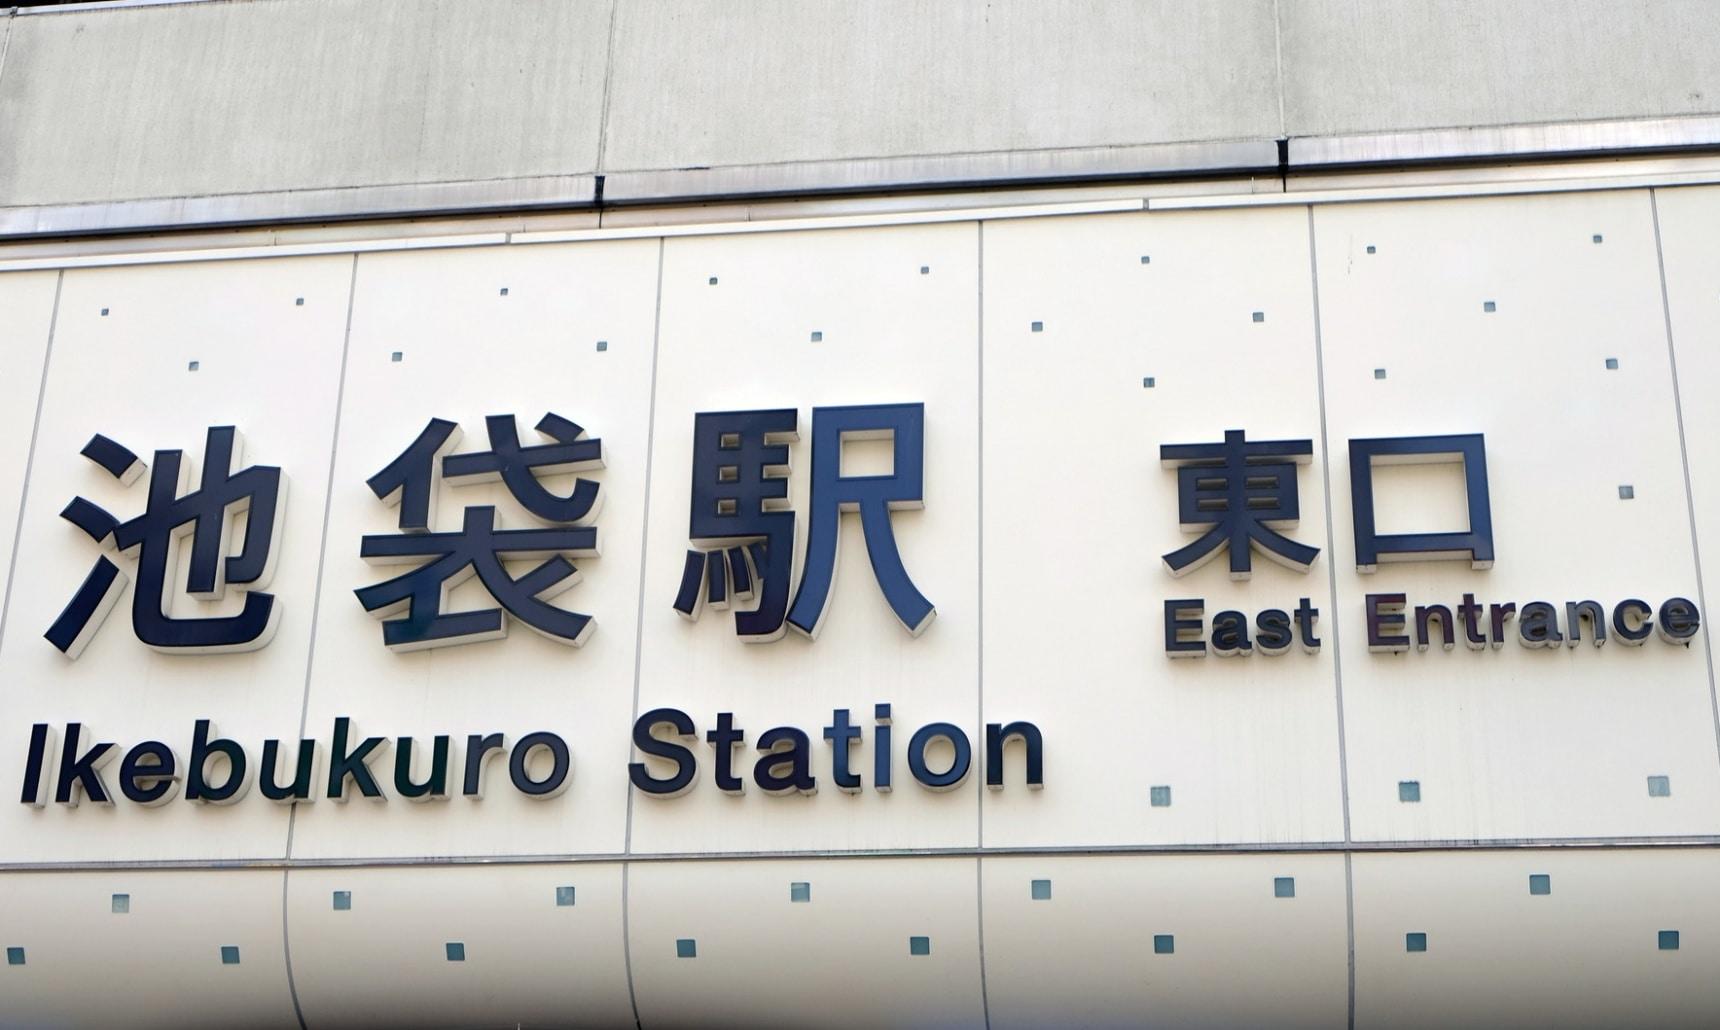 รู้รอบเรื่องอิเคะบุคุโระ